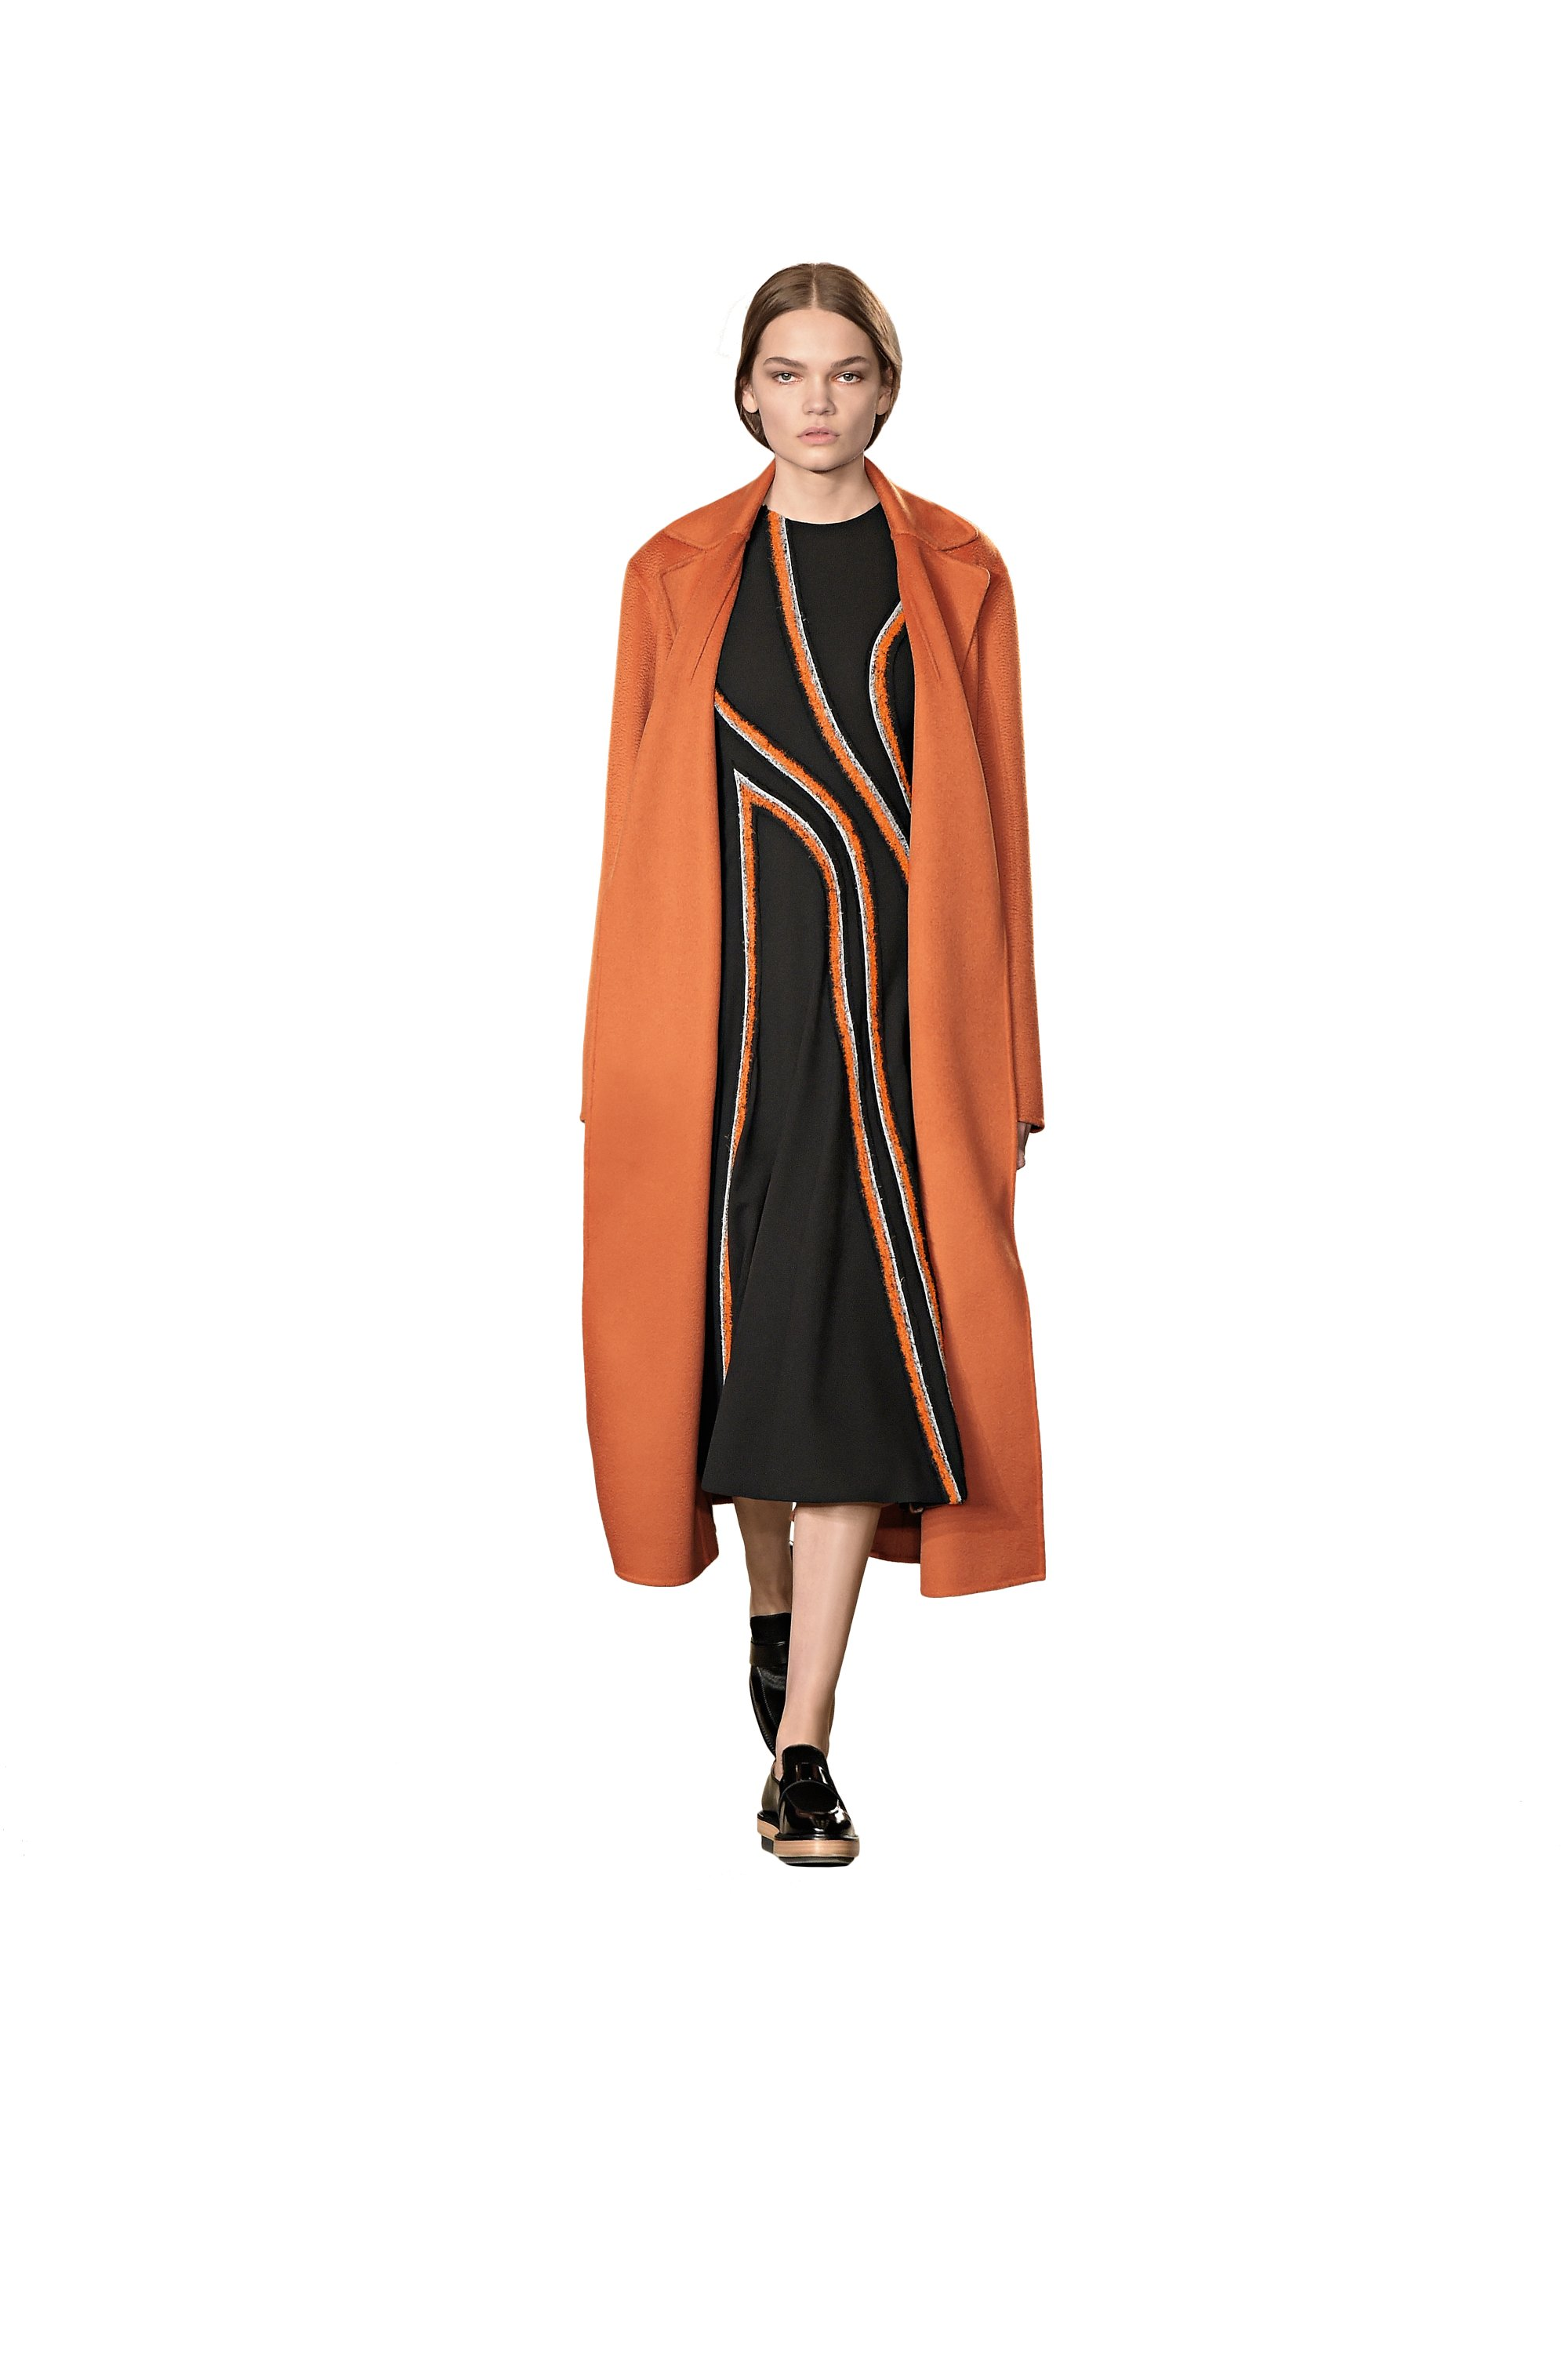 Robe noire et orange, manteau orange et mocassins noirs BOSS